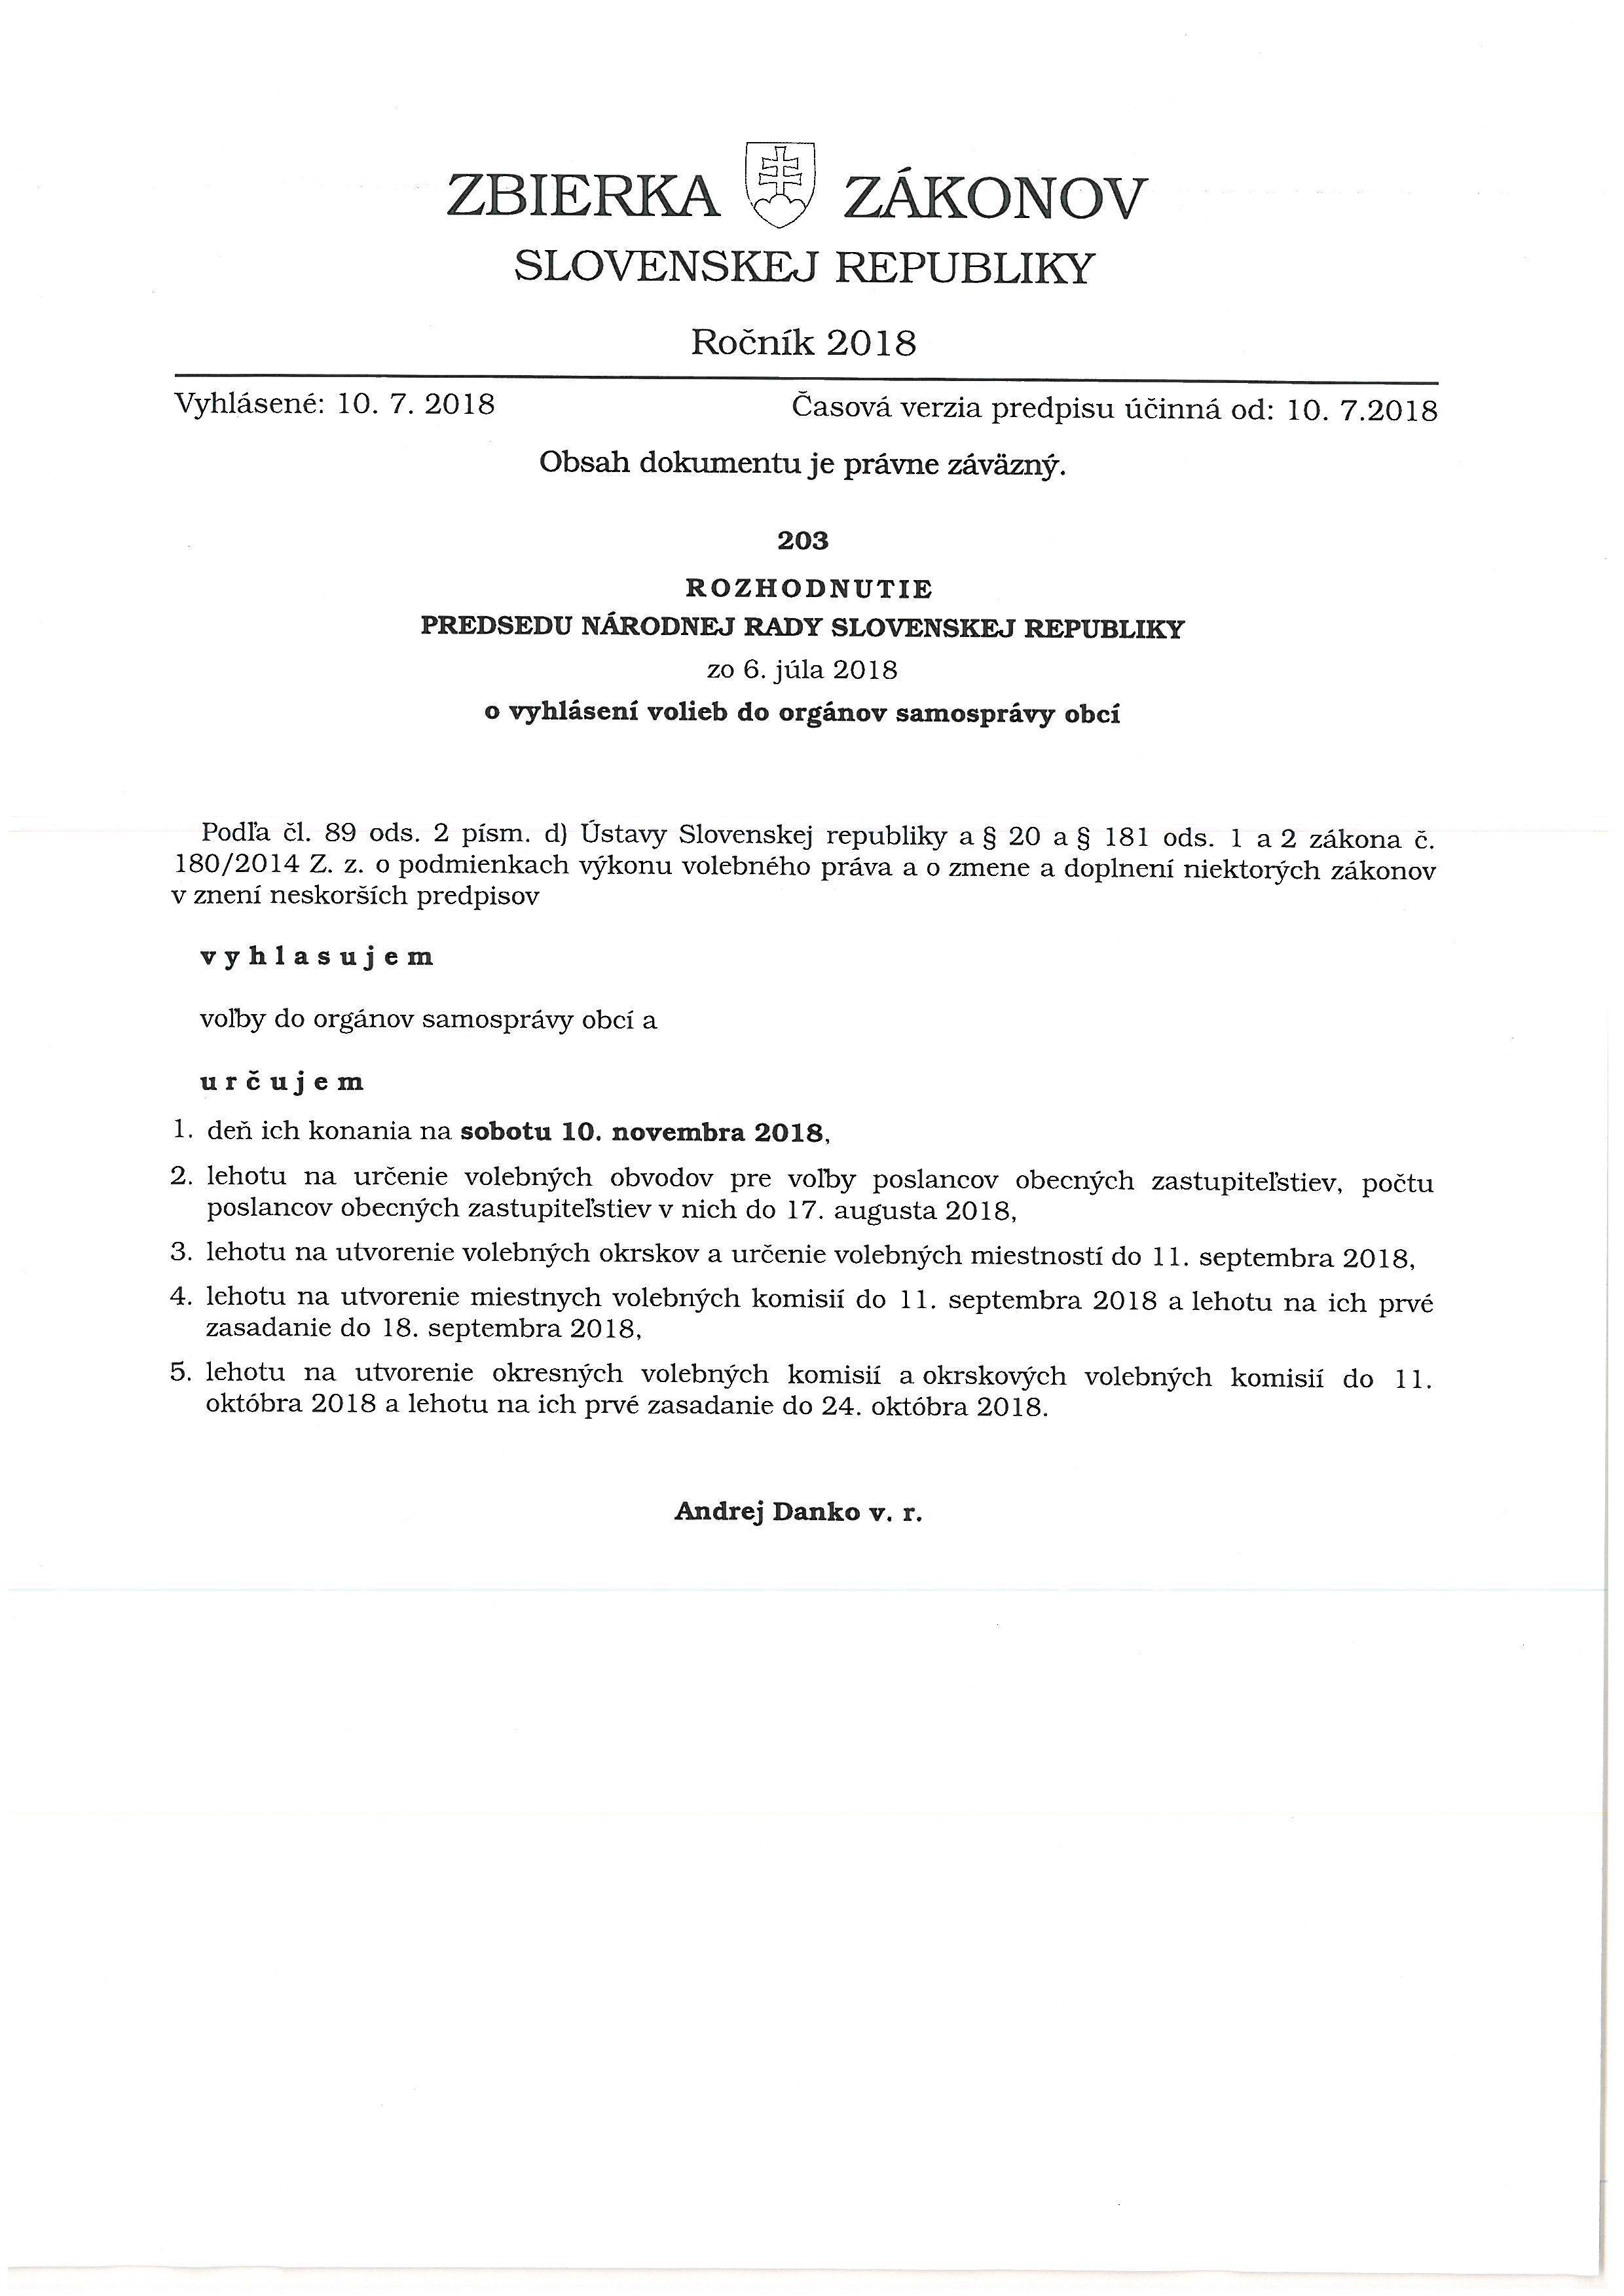 Rozhodnutie predsedu NR SR o vyhlásení volieb do orgánov samosprávy obcí